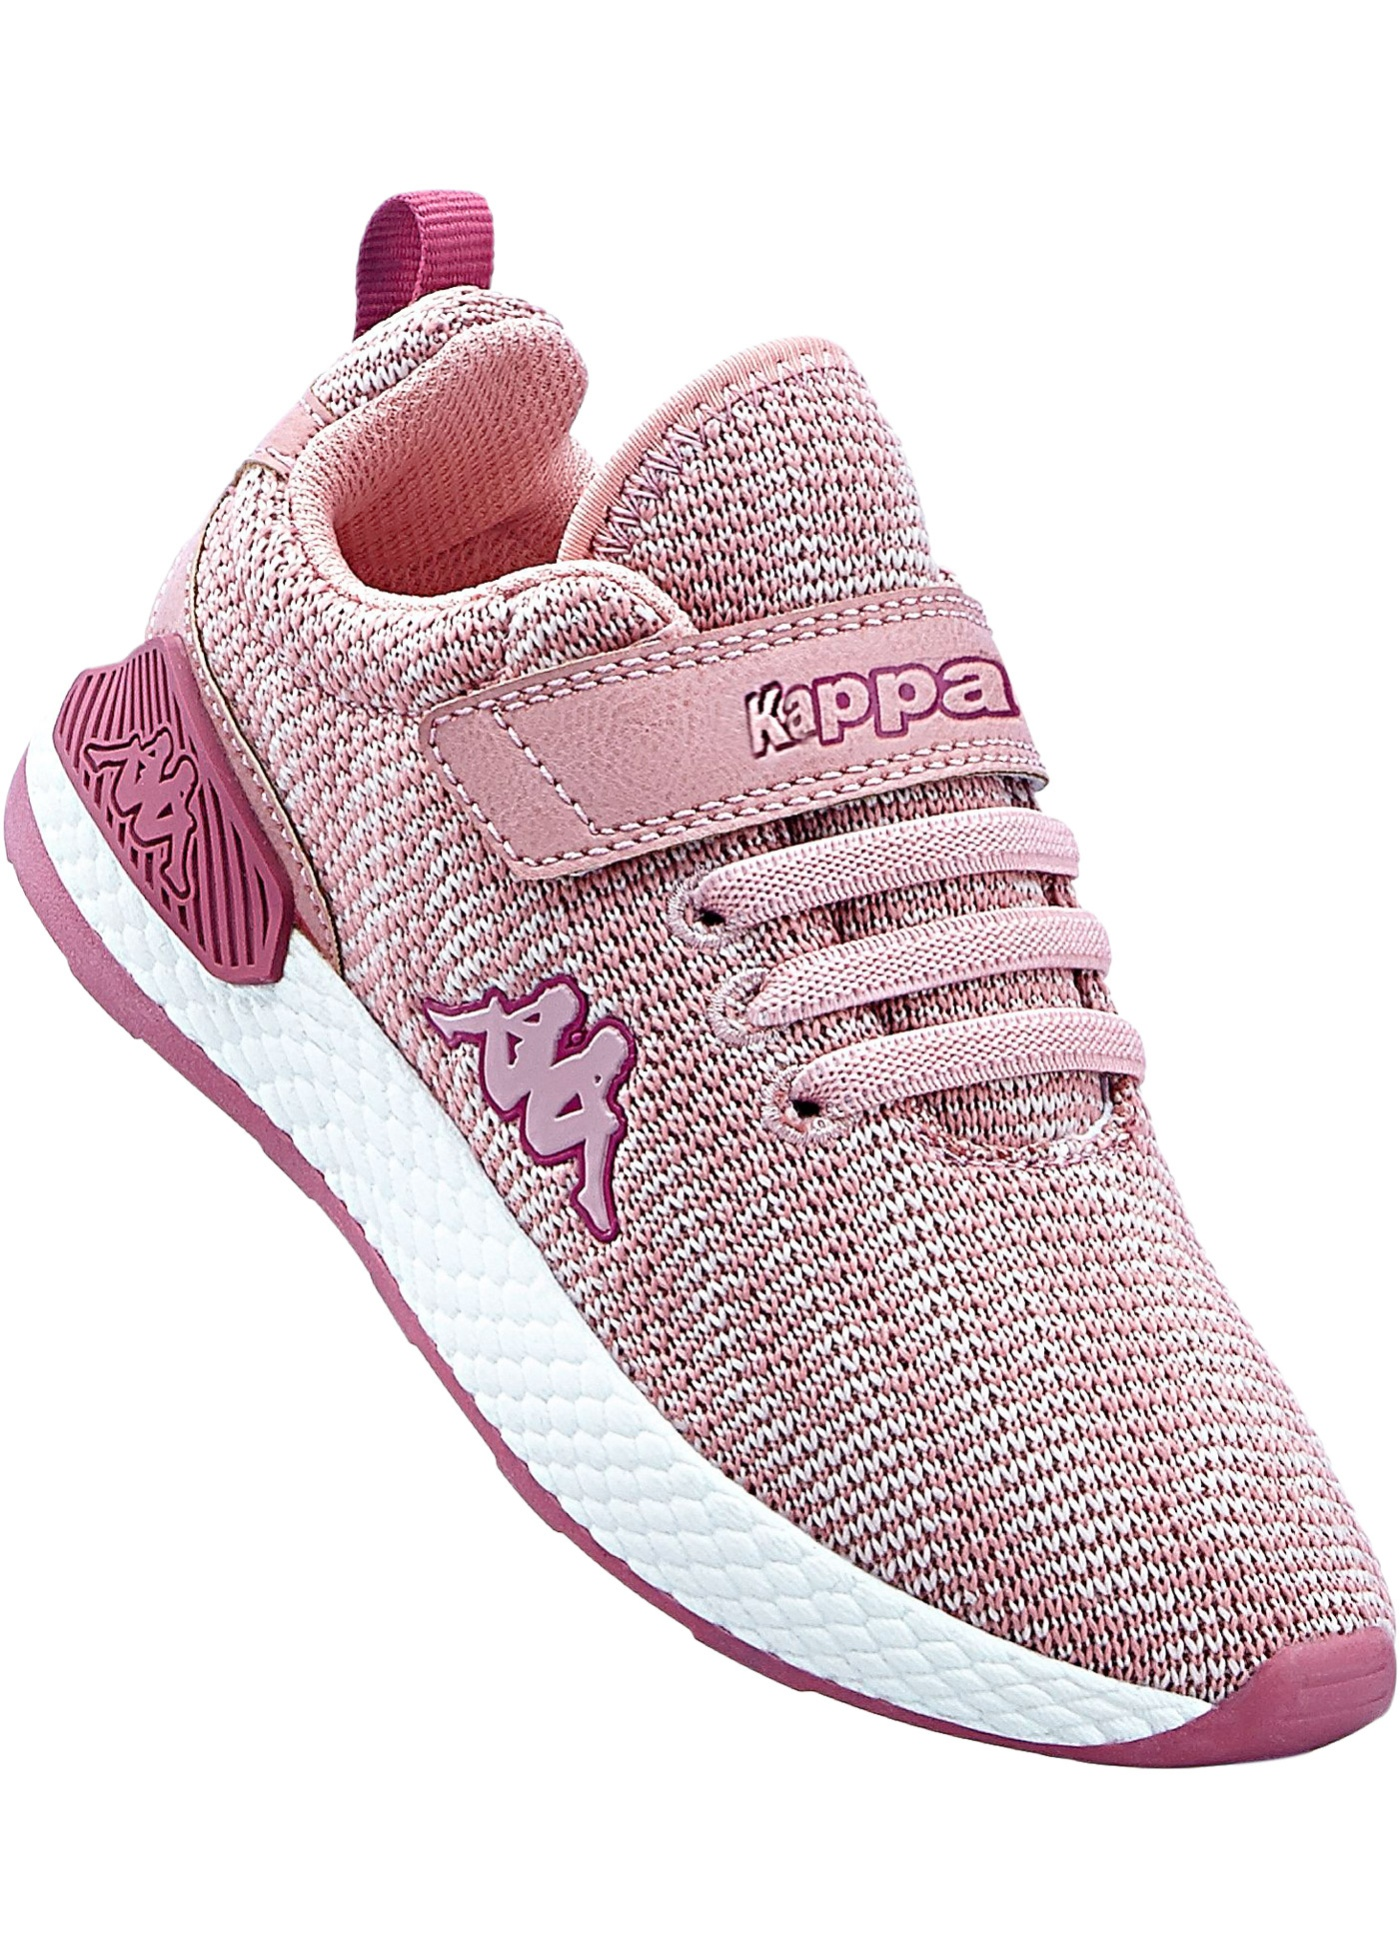 Sportovní obuv značky Kappa - Růžová